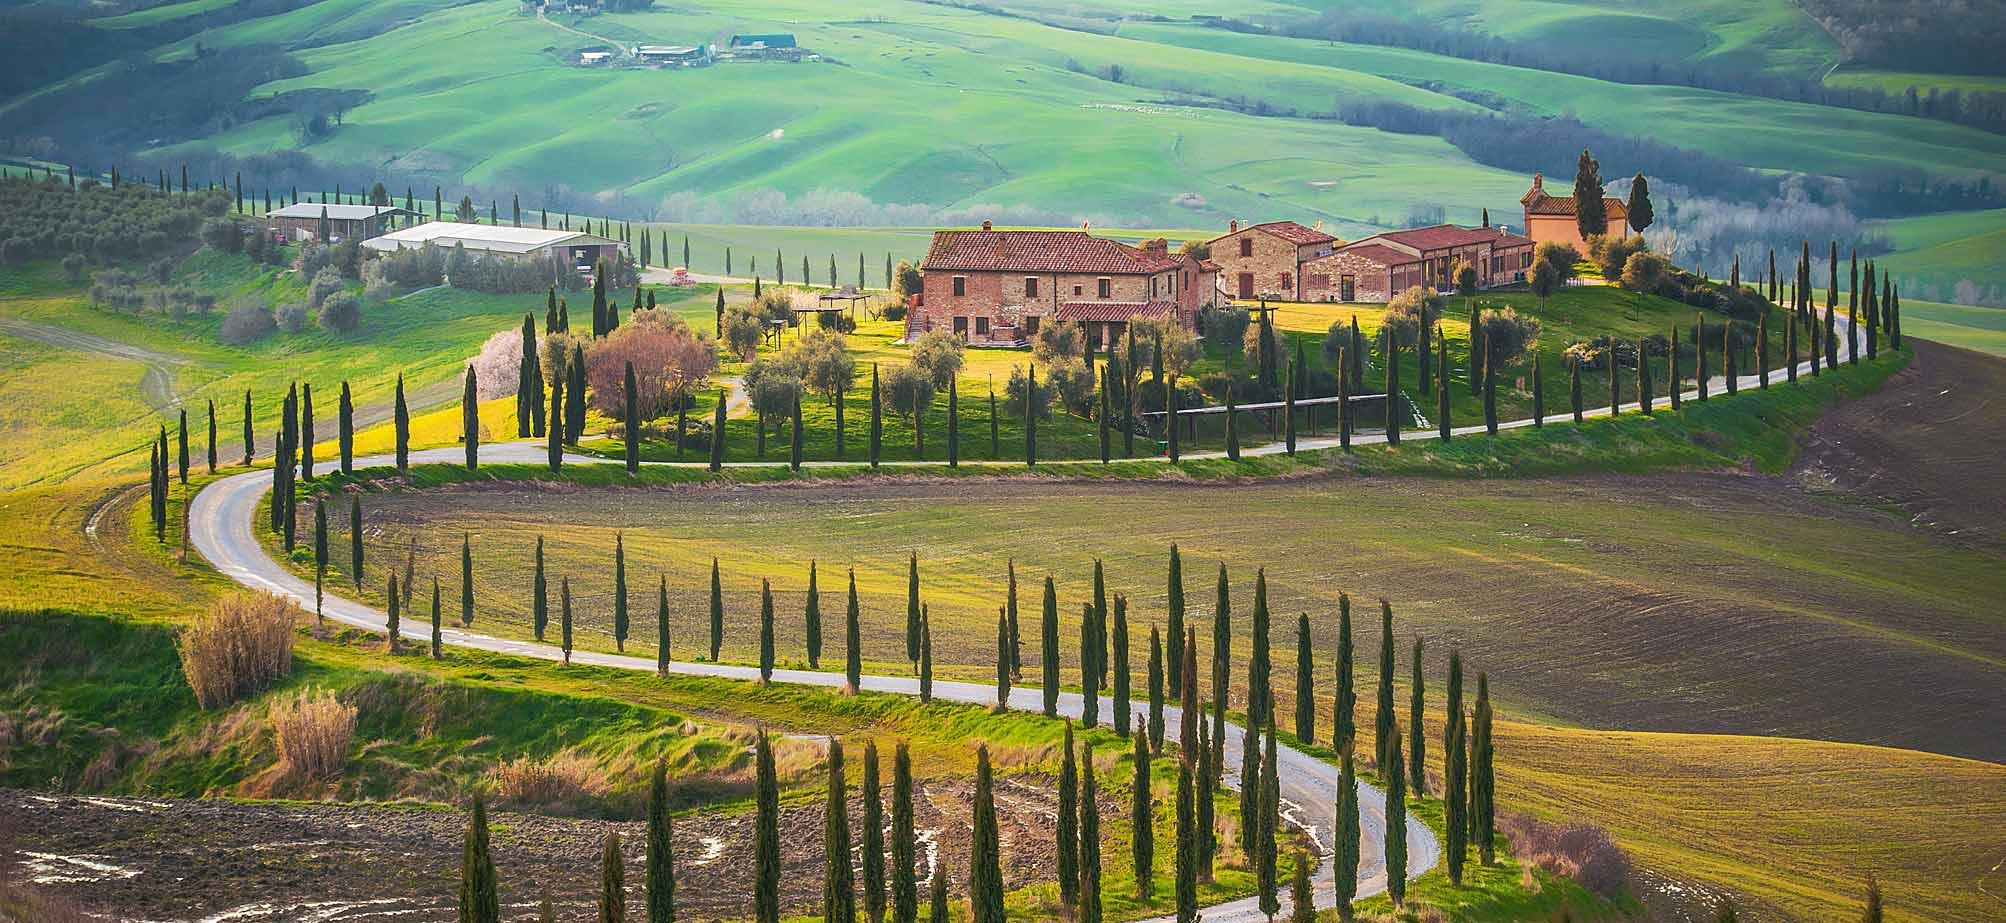 Tuscany And Provence Gallery Eu Bike Tours